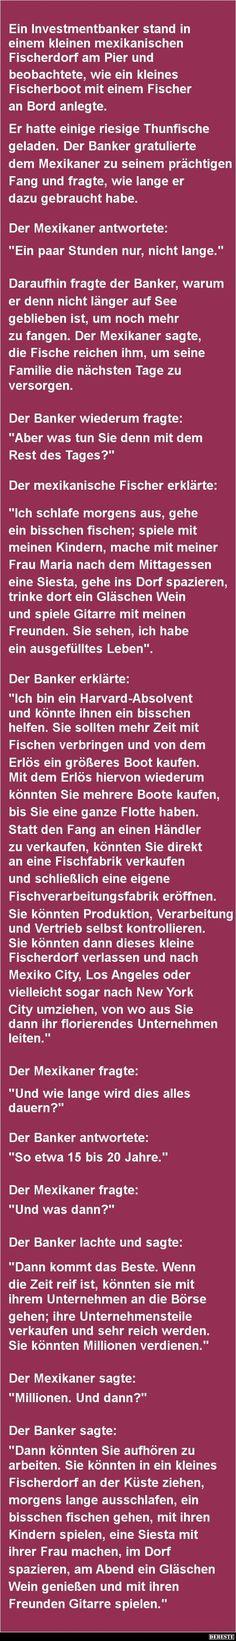 Ein Investmentbanker stand in einem.. | DEBESTE.de, Lustige Bilder, Sprüche, Witze und Videos